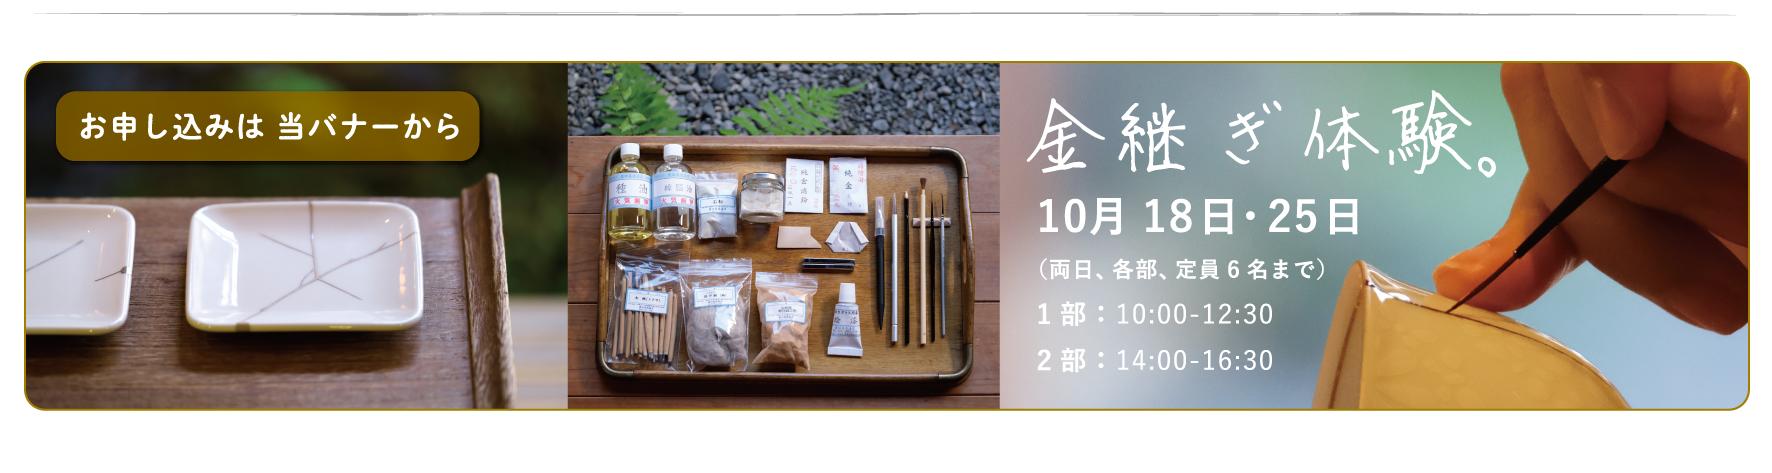 京都の旅館で金継ぎ体験